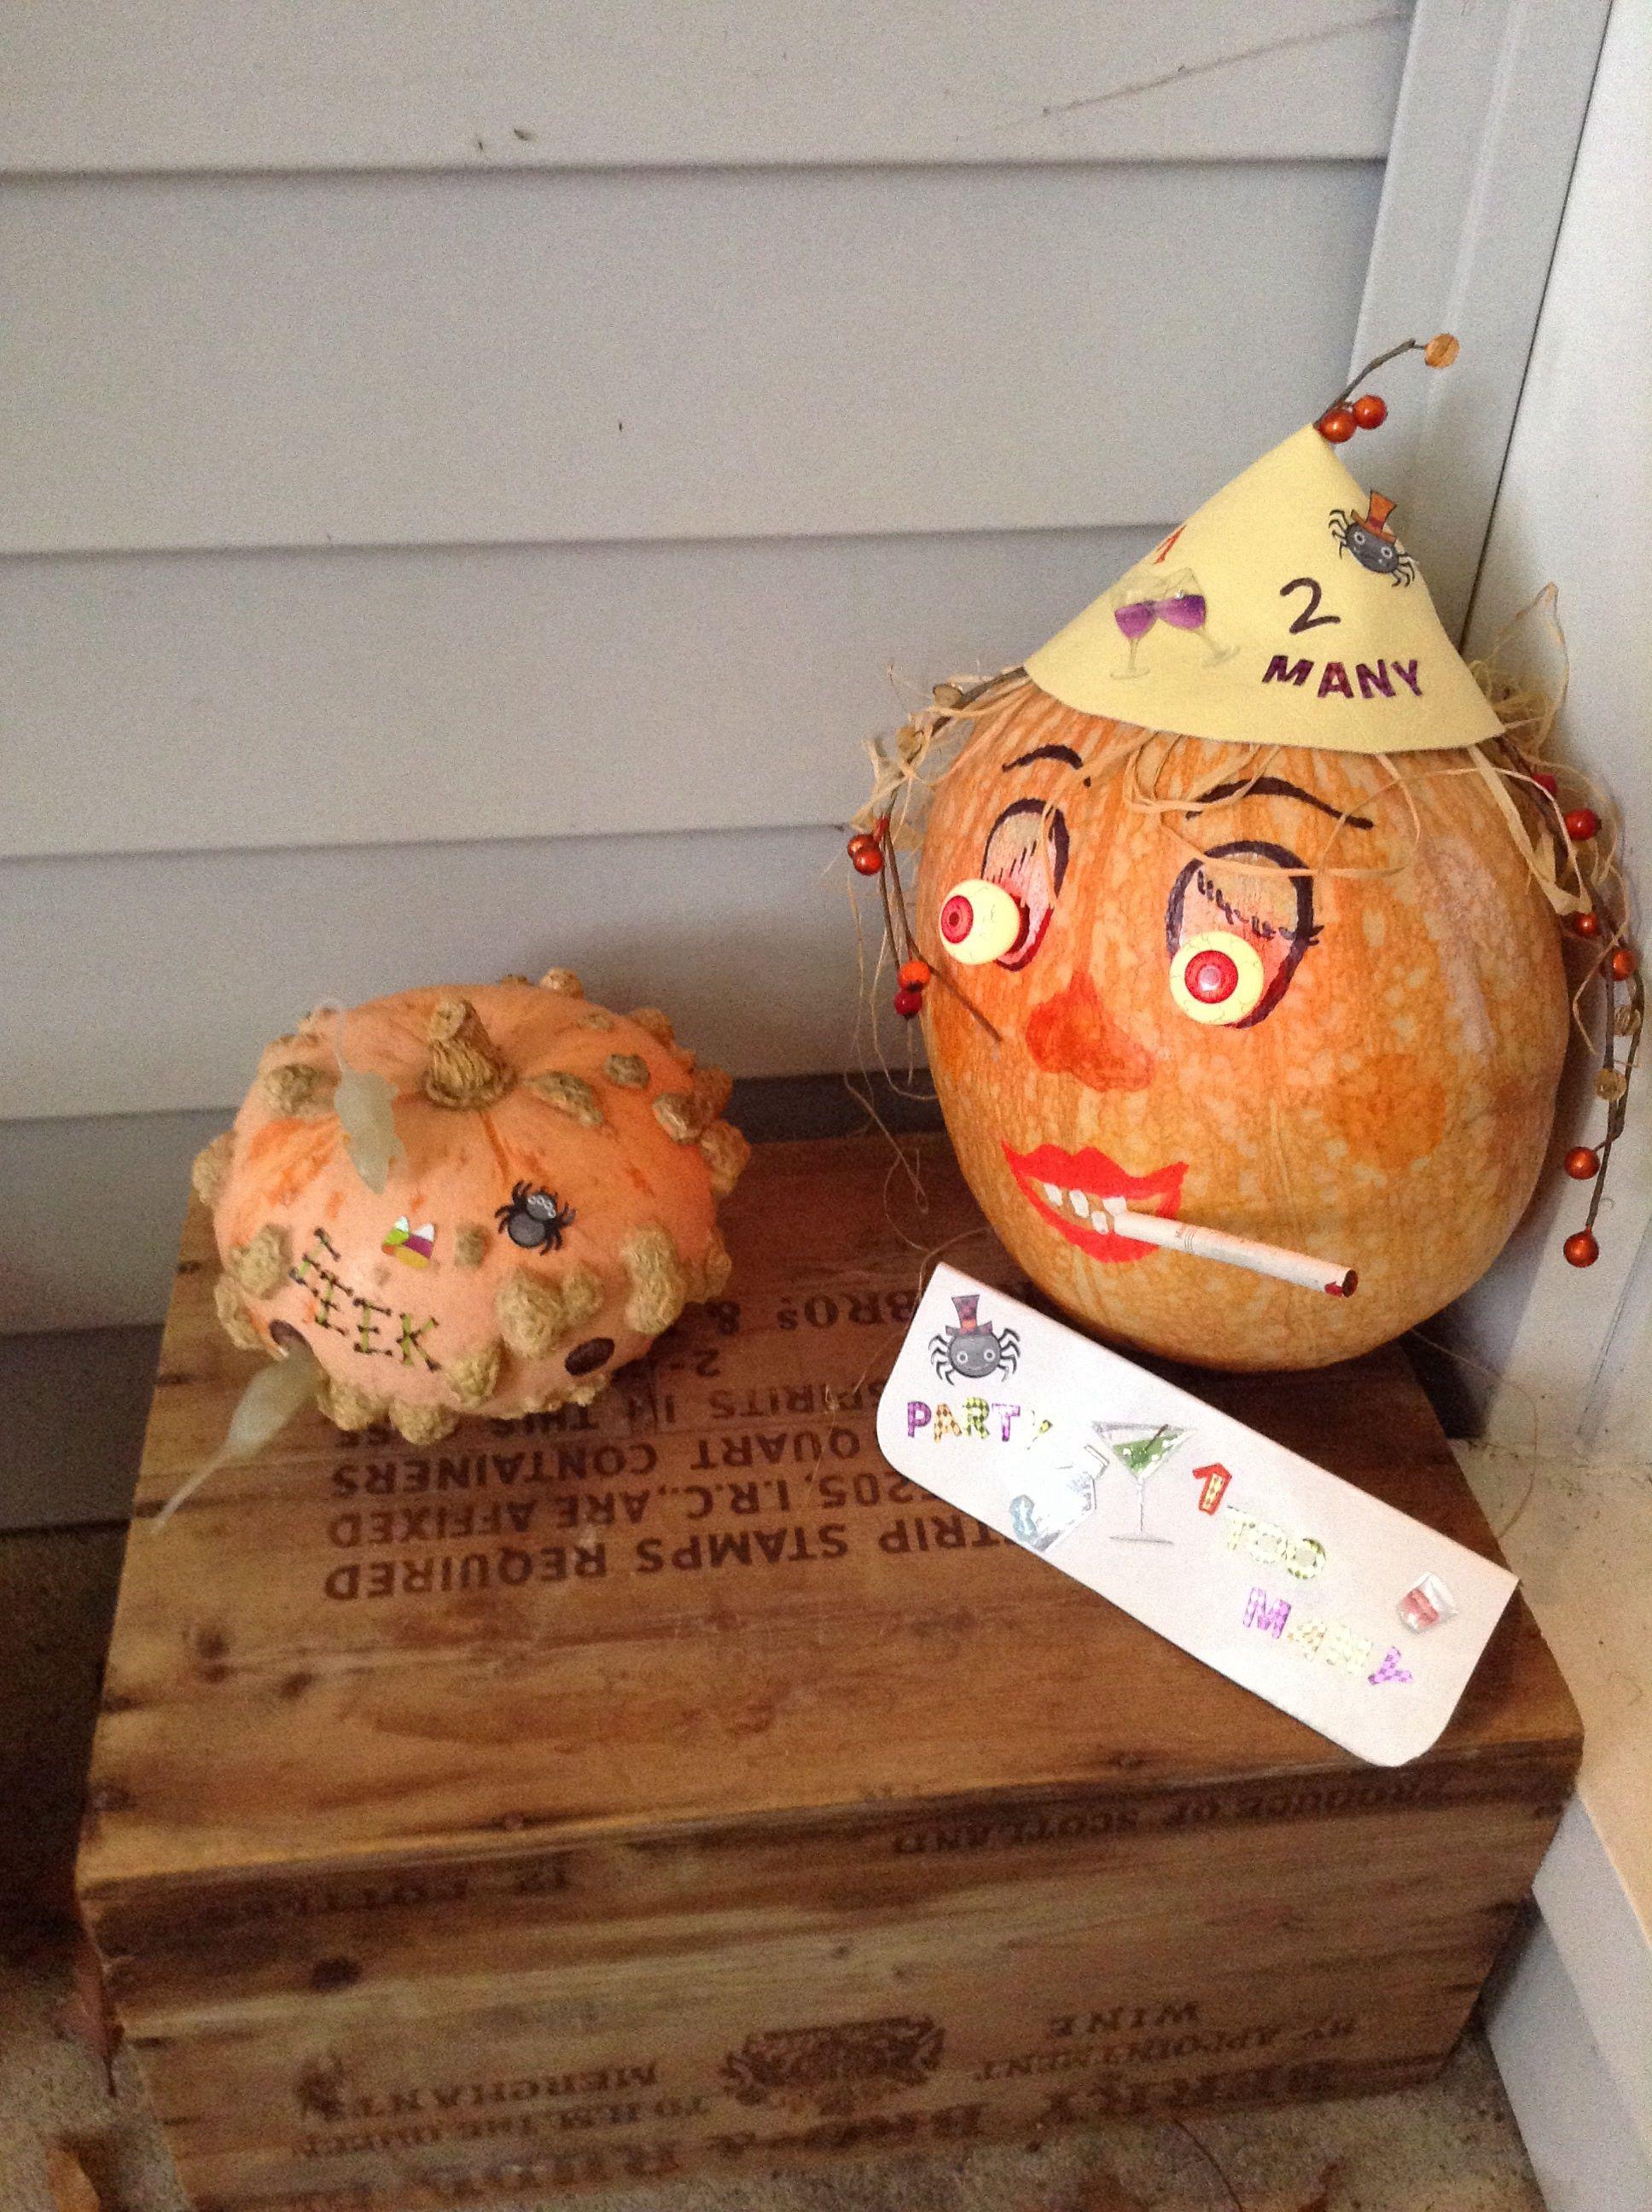 Creative pumpkins!